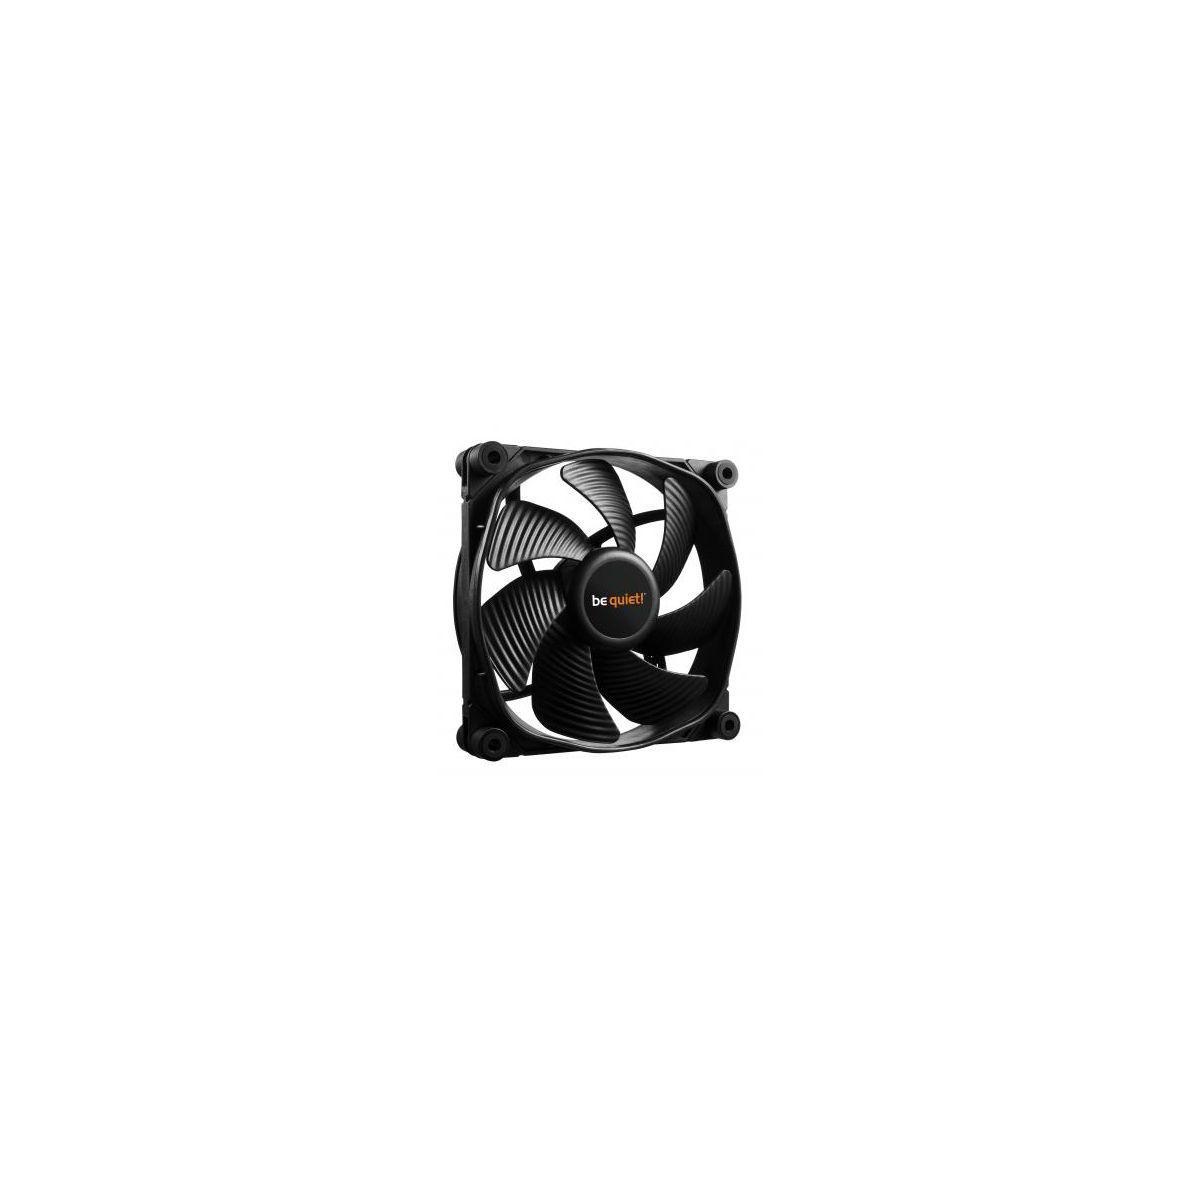 Ventilateur pc be quiet silent wings 3 120mm - 2% de remise imm�diate avec le code : deal2 (photo)